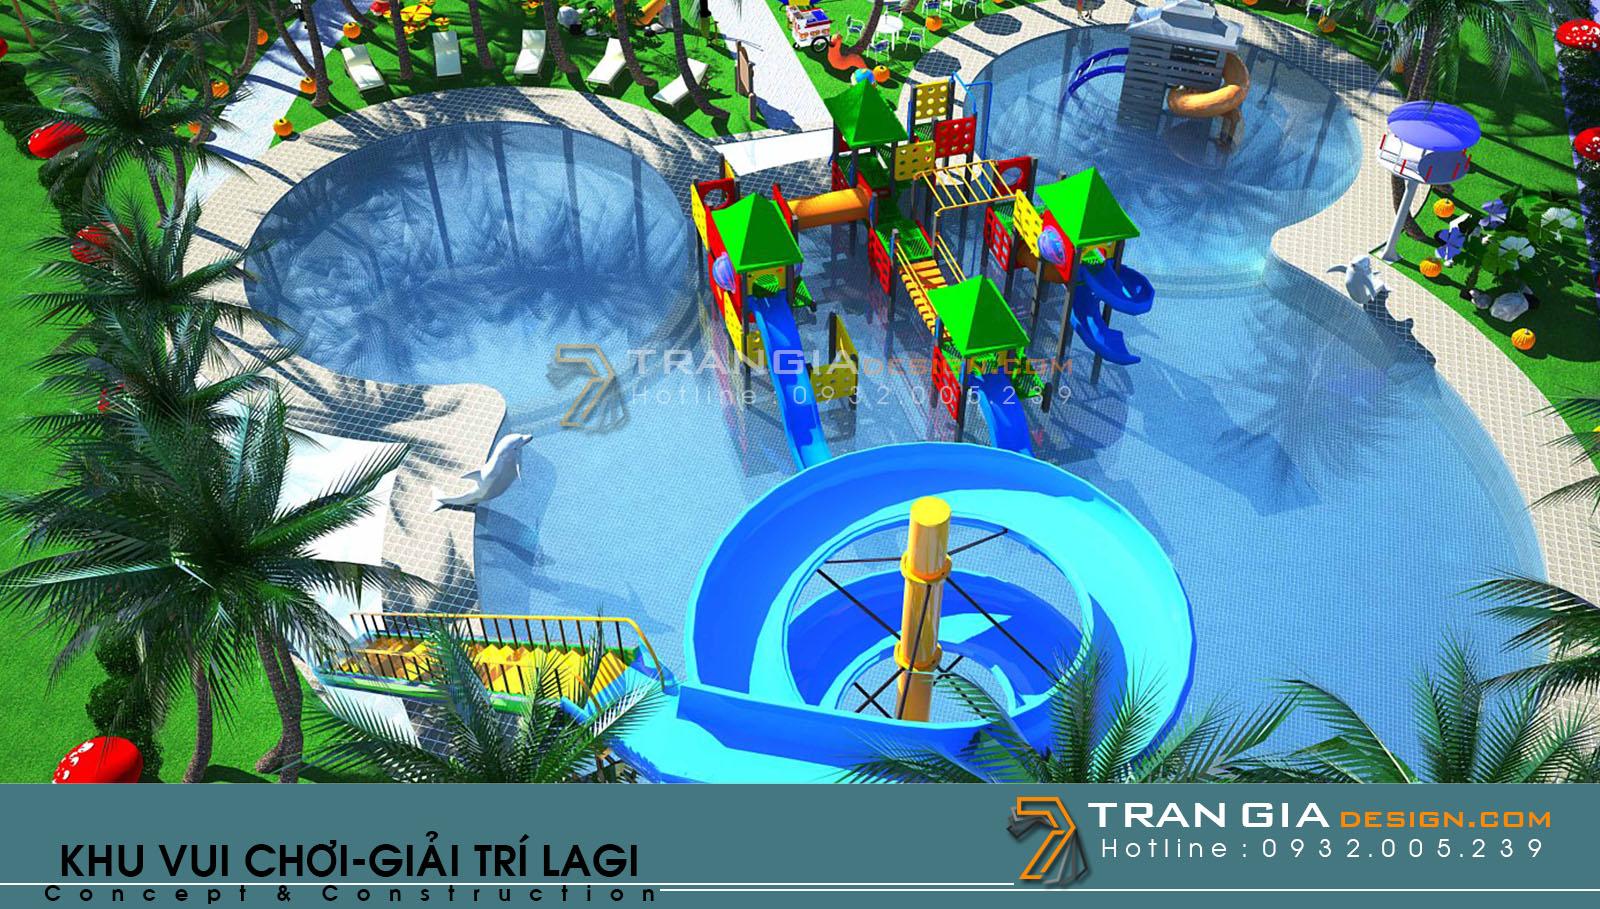 Thiết kế khu vui chơi trong resort